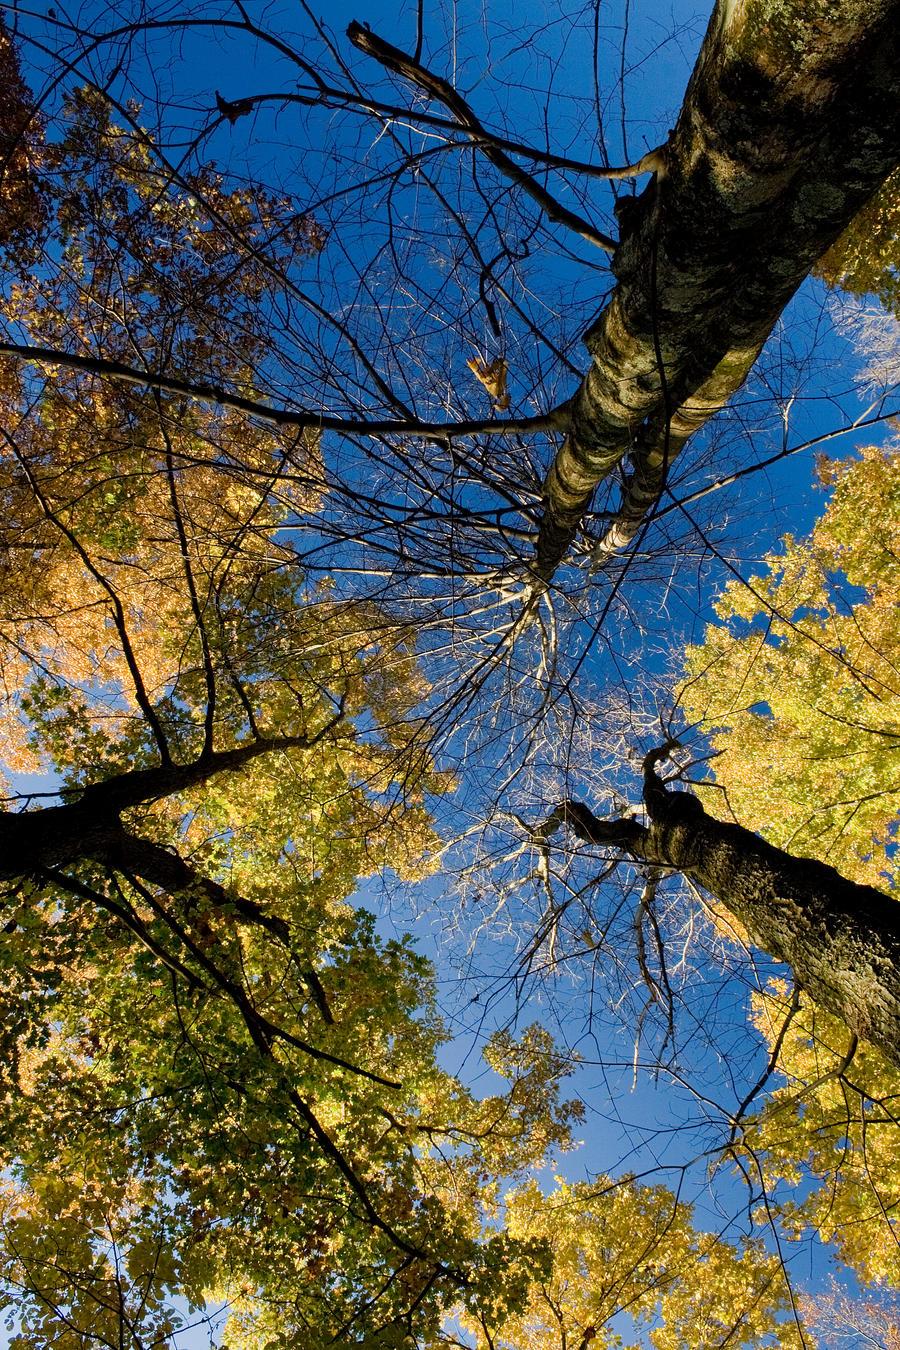 Autumn VI by Logicalx